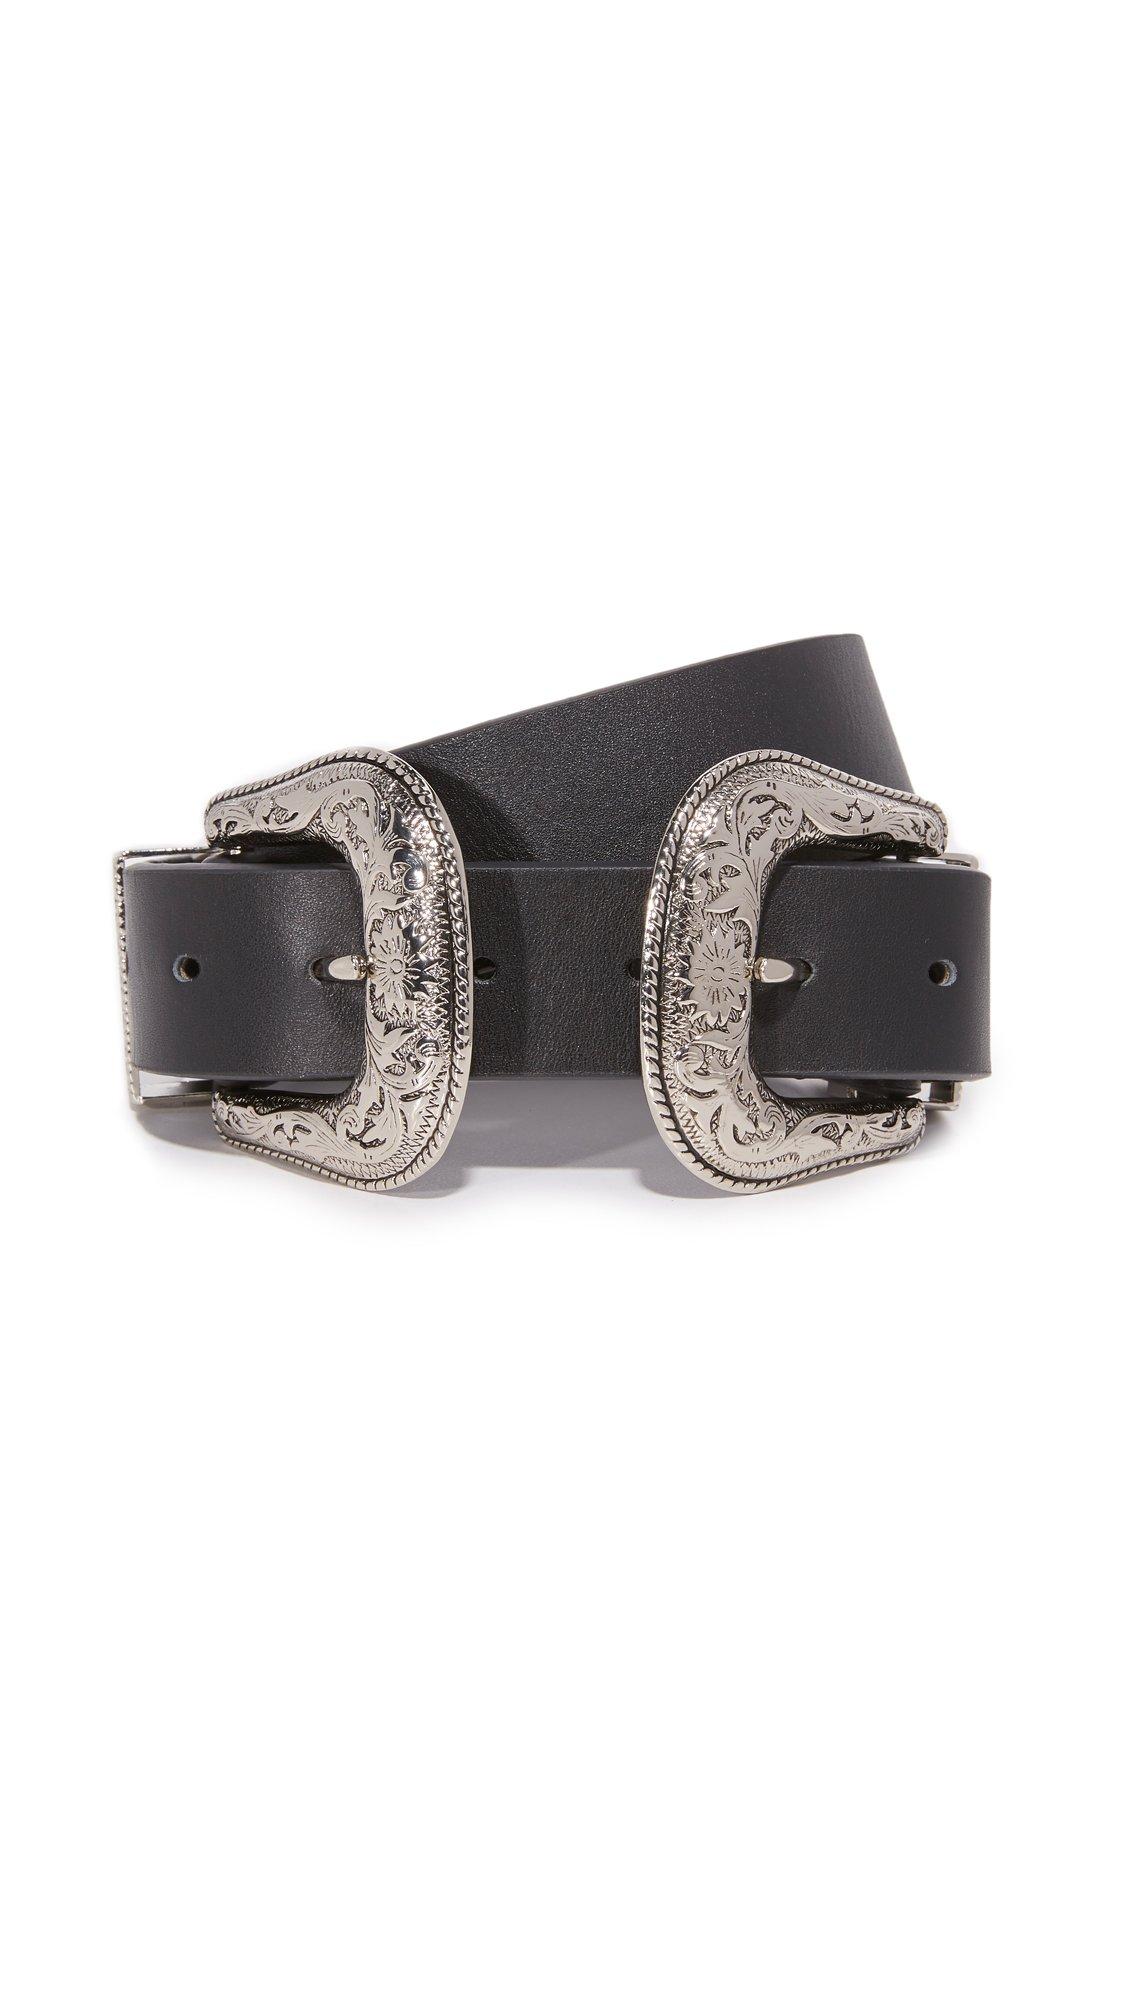 B-Low The Belt Women's Bri Bri Belt, Black/Silver, Medium